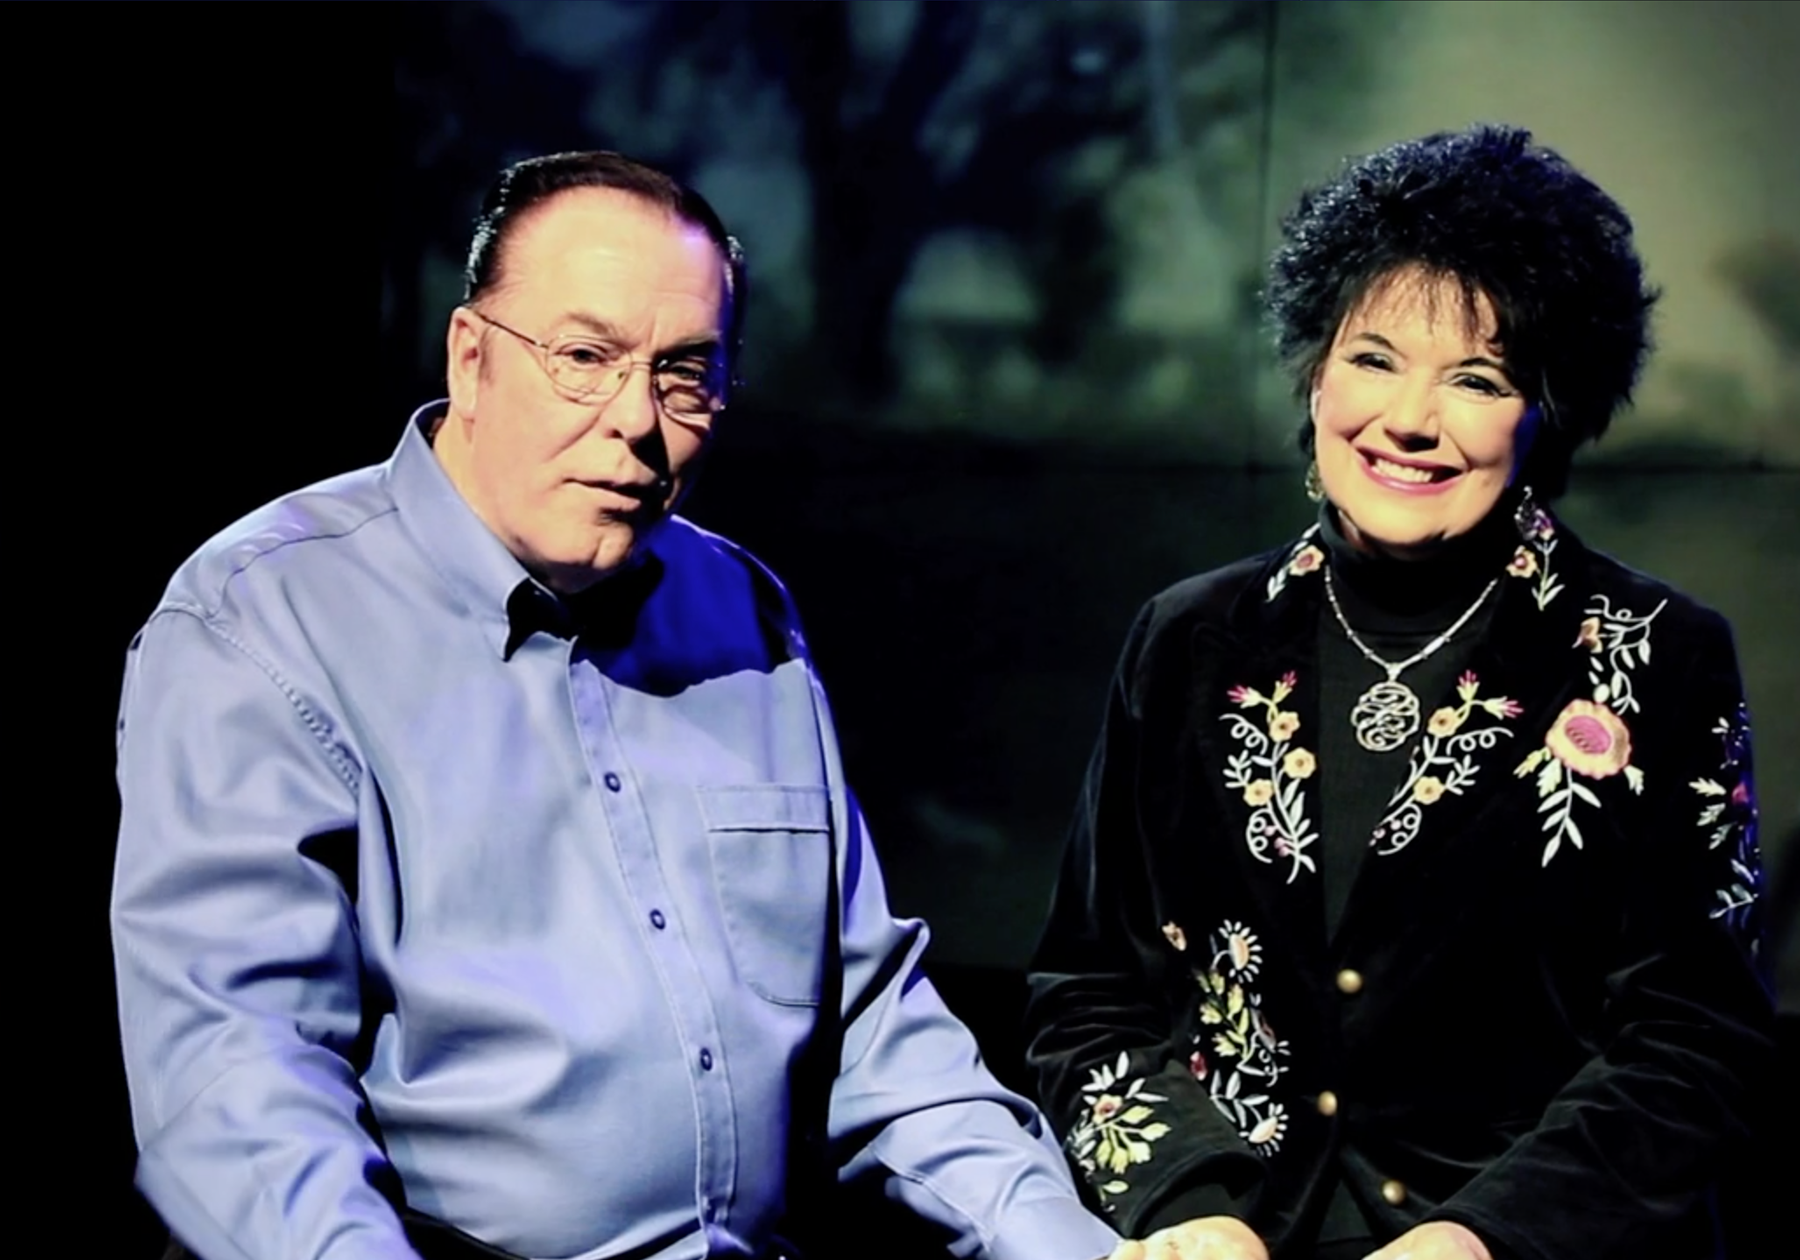 President, Kenneth W. Hagin and Director, Lynette Hagin